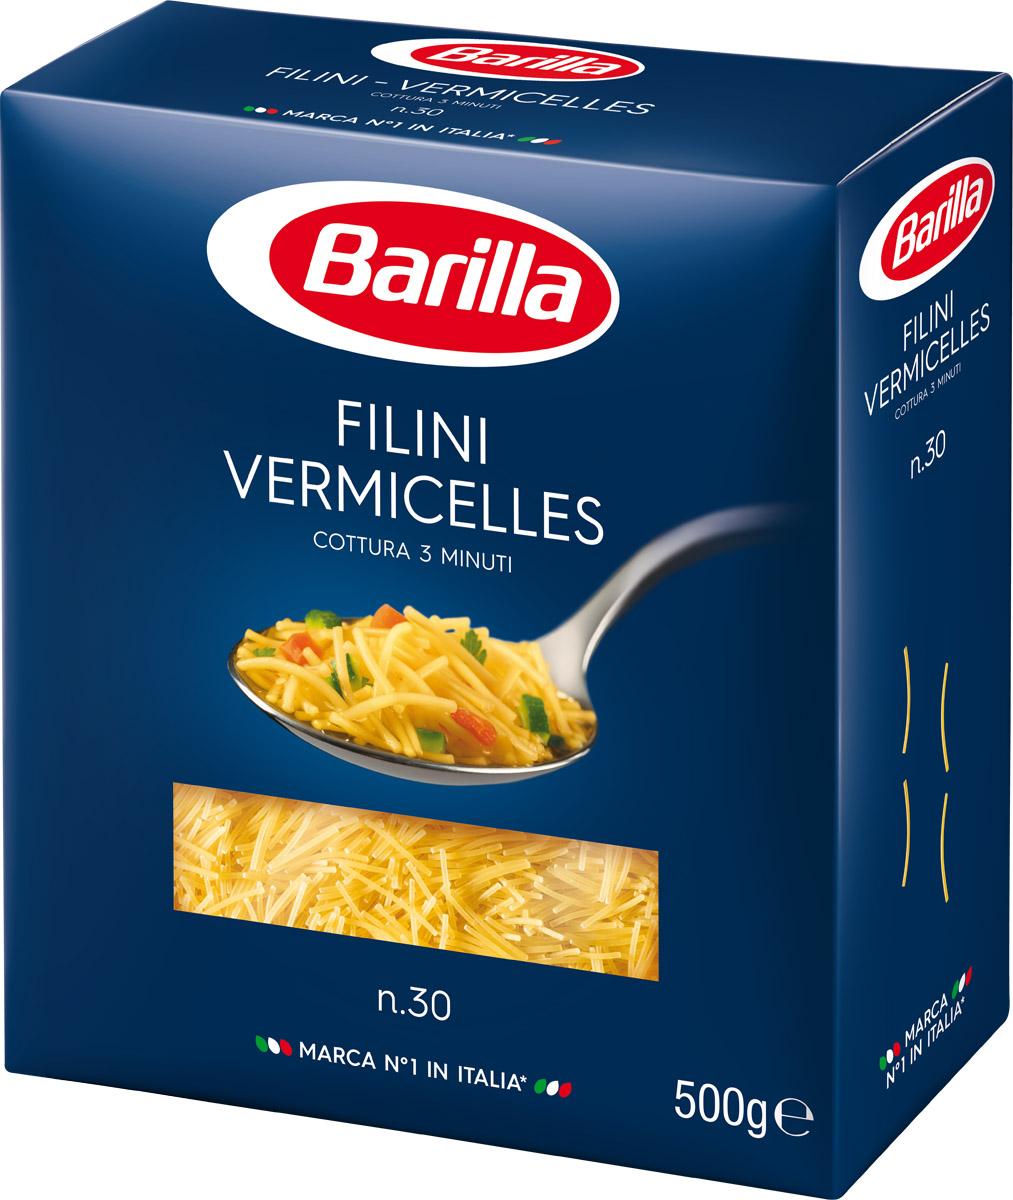 Barilla Filini филини паста, 500 г8076808050303Филини Barilla порадуют поклонников легкой пасты. Сделанная в форме тонких коротких нитей, она прекрасно подходит для супов.Филини Вермичелле Barilla представляют собой тонкие ниточки теста. За счет своего размера, филини готовятся очень быстро.Вам нравится готовить оригинальные и необычные блюда? В таком случае филини Barilla созданы специально для вас! Попробуйте их в крем-супе из шпината. Добавьте в него также кусочки предварительно отваренной курицы, обжаренные лук и сельдерей. Наслаждайтесь богатством вкусов этого простого, но оригинального блюда!Уважаемые клиенты! Обращаем ваше внимание на то, что упаковка может иметь несколько видов дизайна. Поставка осуществляется в зависимости от наличия на складе.Лайфхаки по варке круп и пасты. Статья OZON Гид